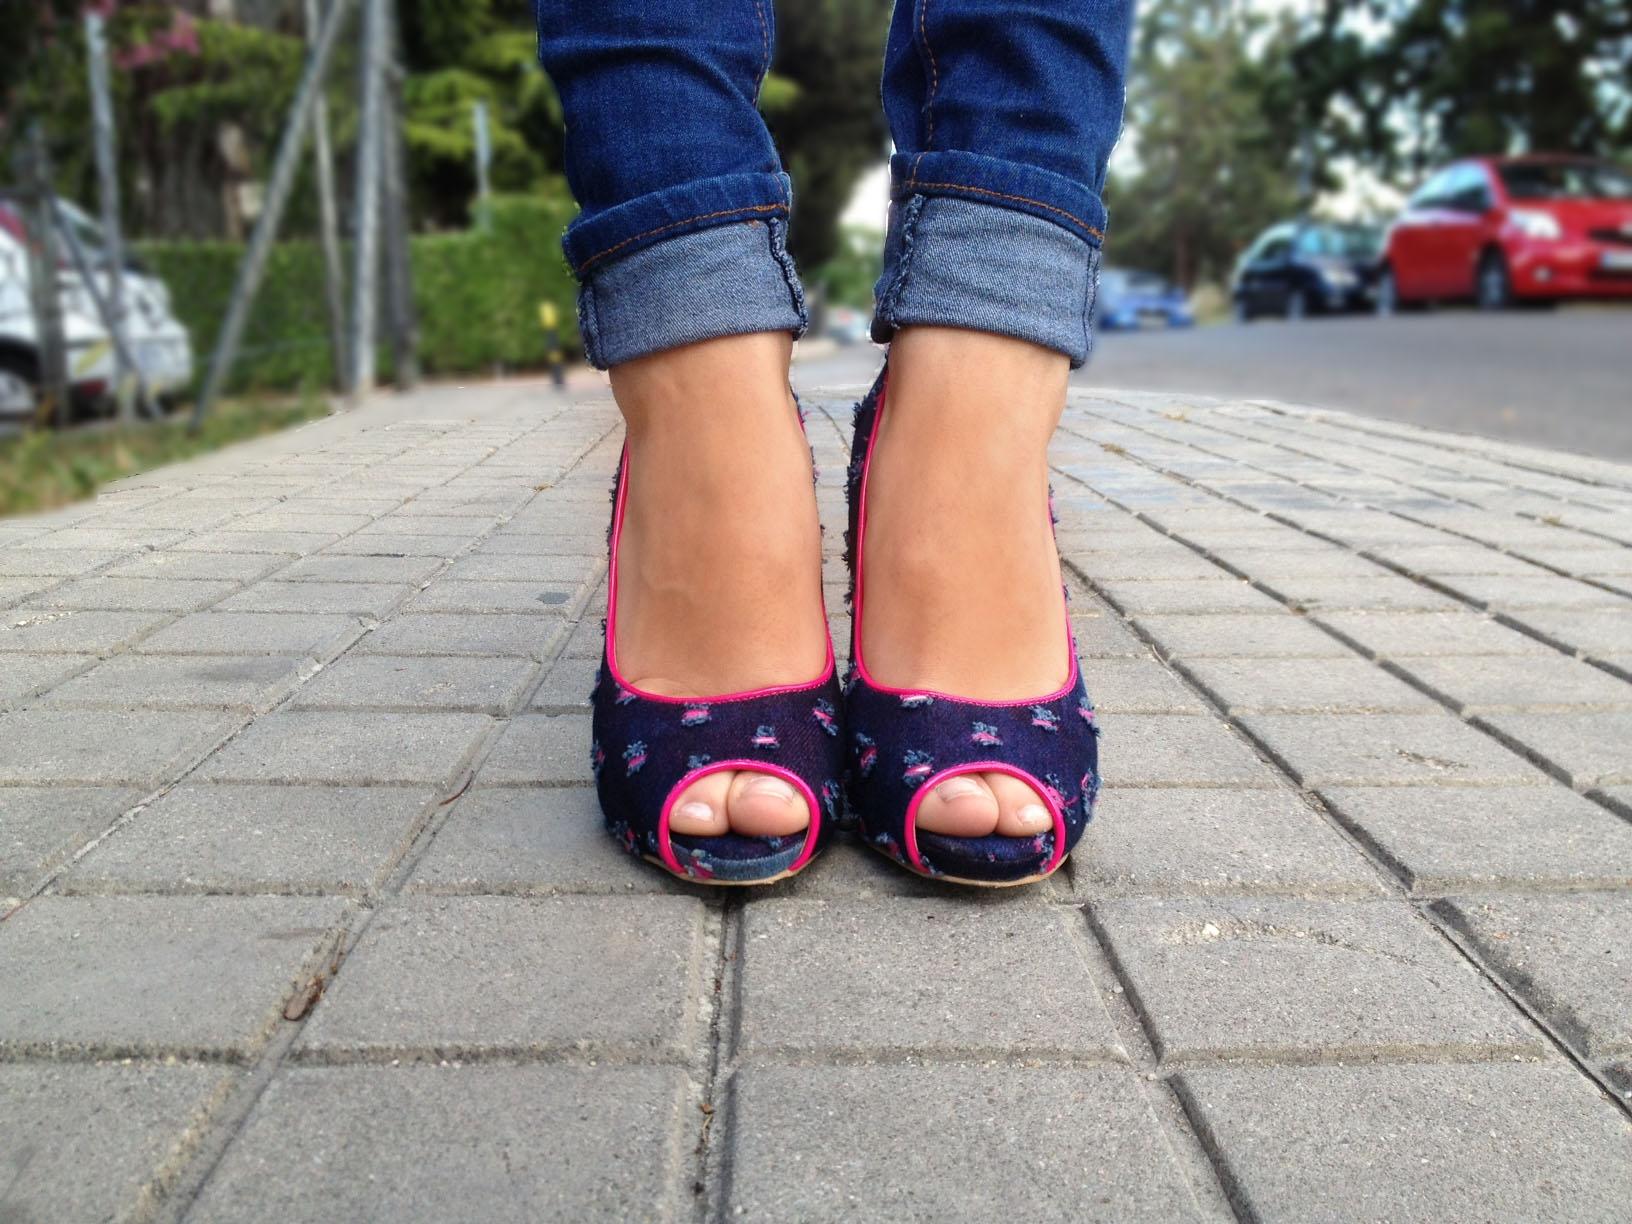 Zapatos Es Ugtrepsol Vaqueros Tacon Bgzyxqf 8OwNPXn0kZ